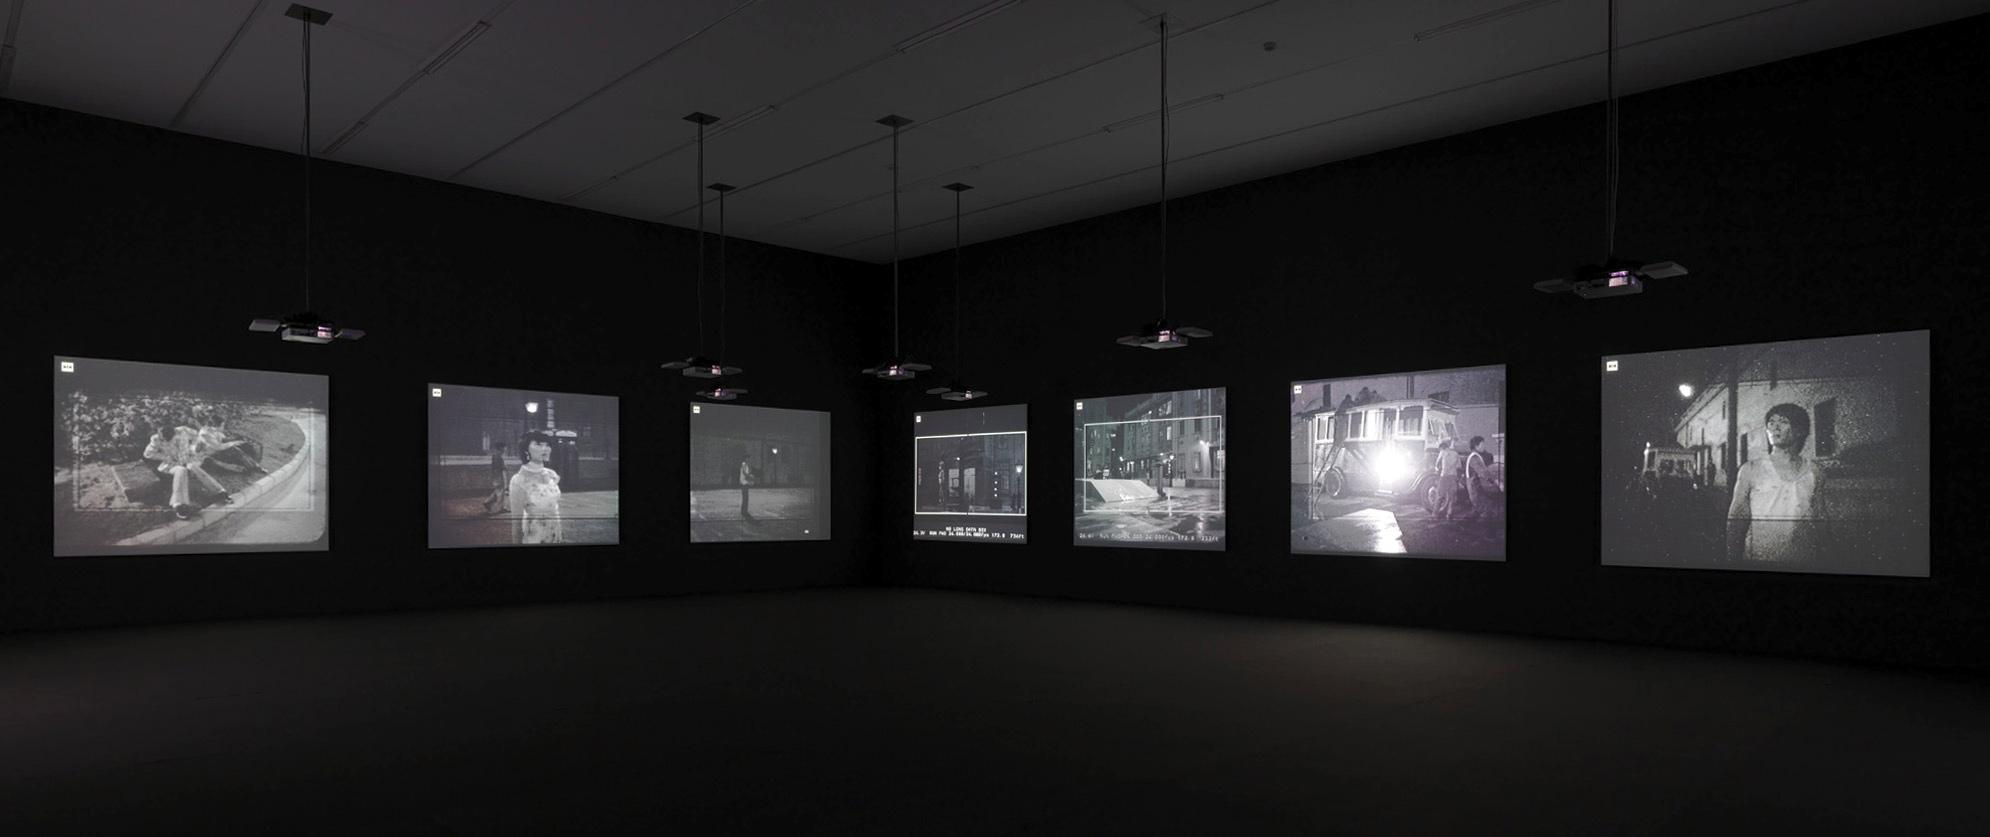 Vue d'une installation vidéo issue de l'exposition Yang Fudong Estranged Paradise. Works 1993 – 2013 à la Kunsthalle de Zürich